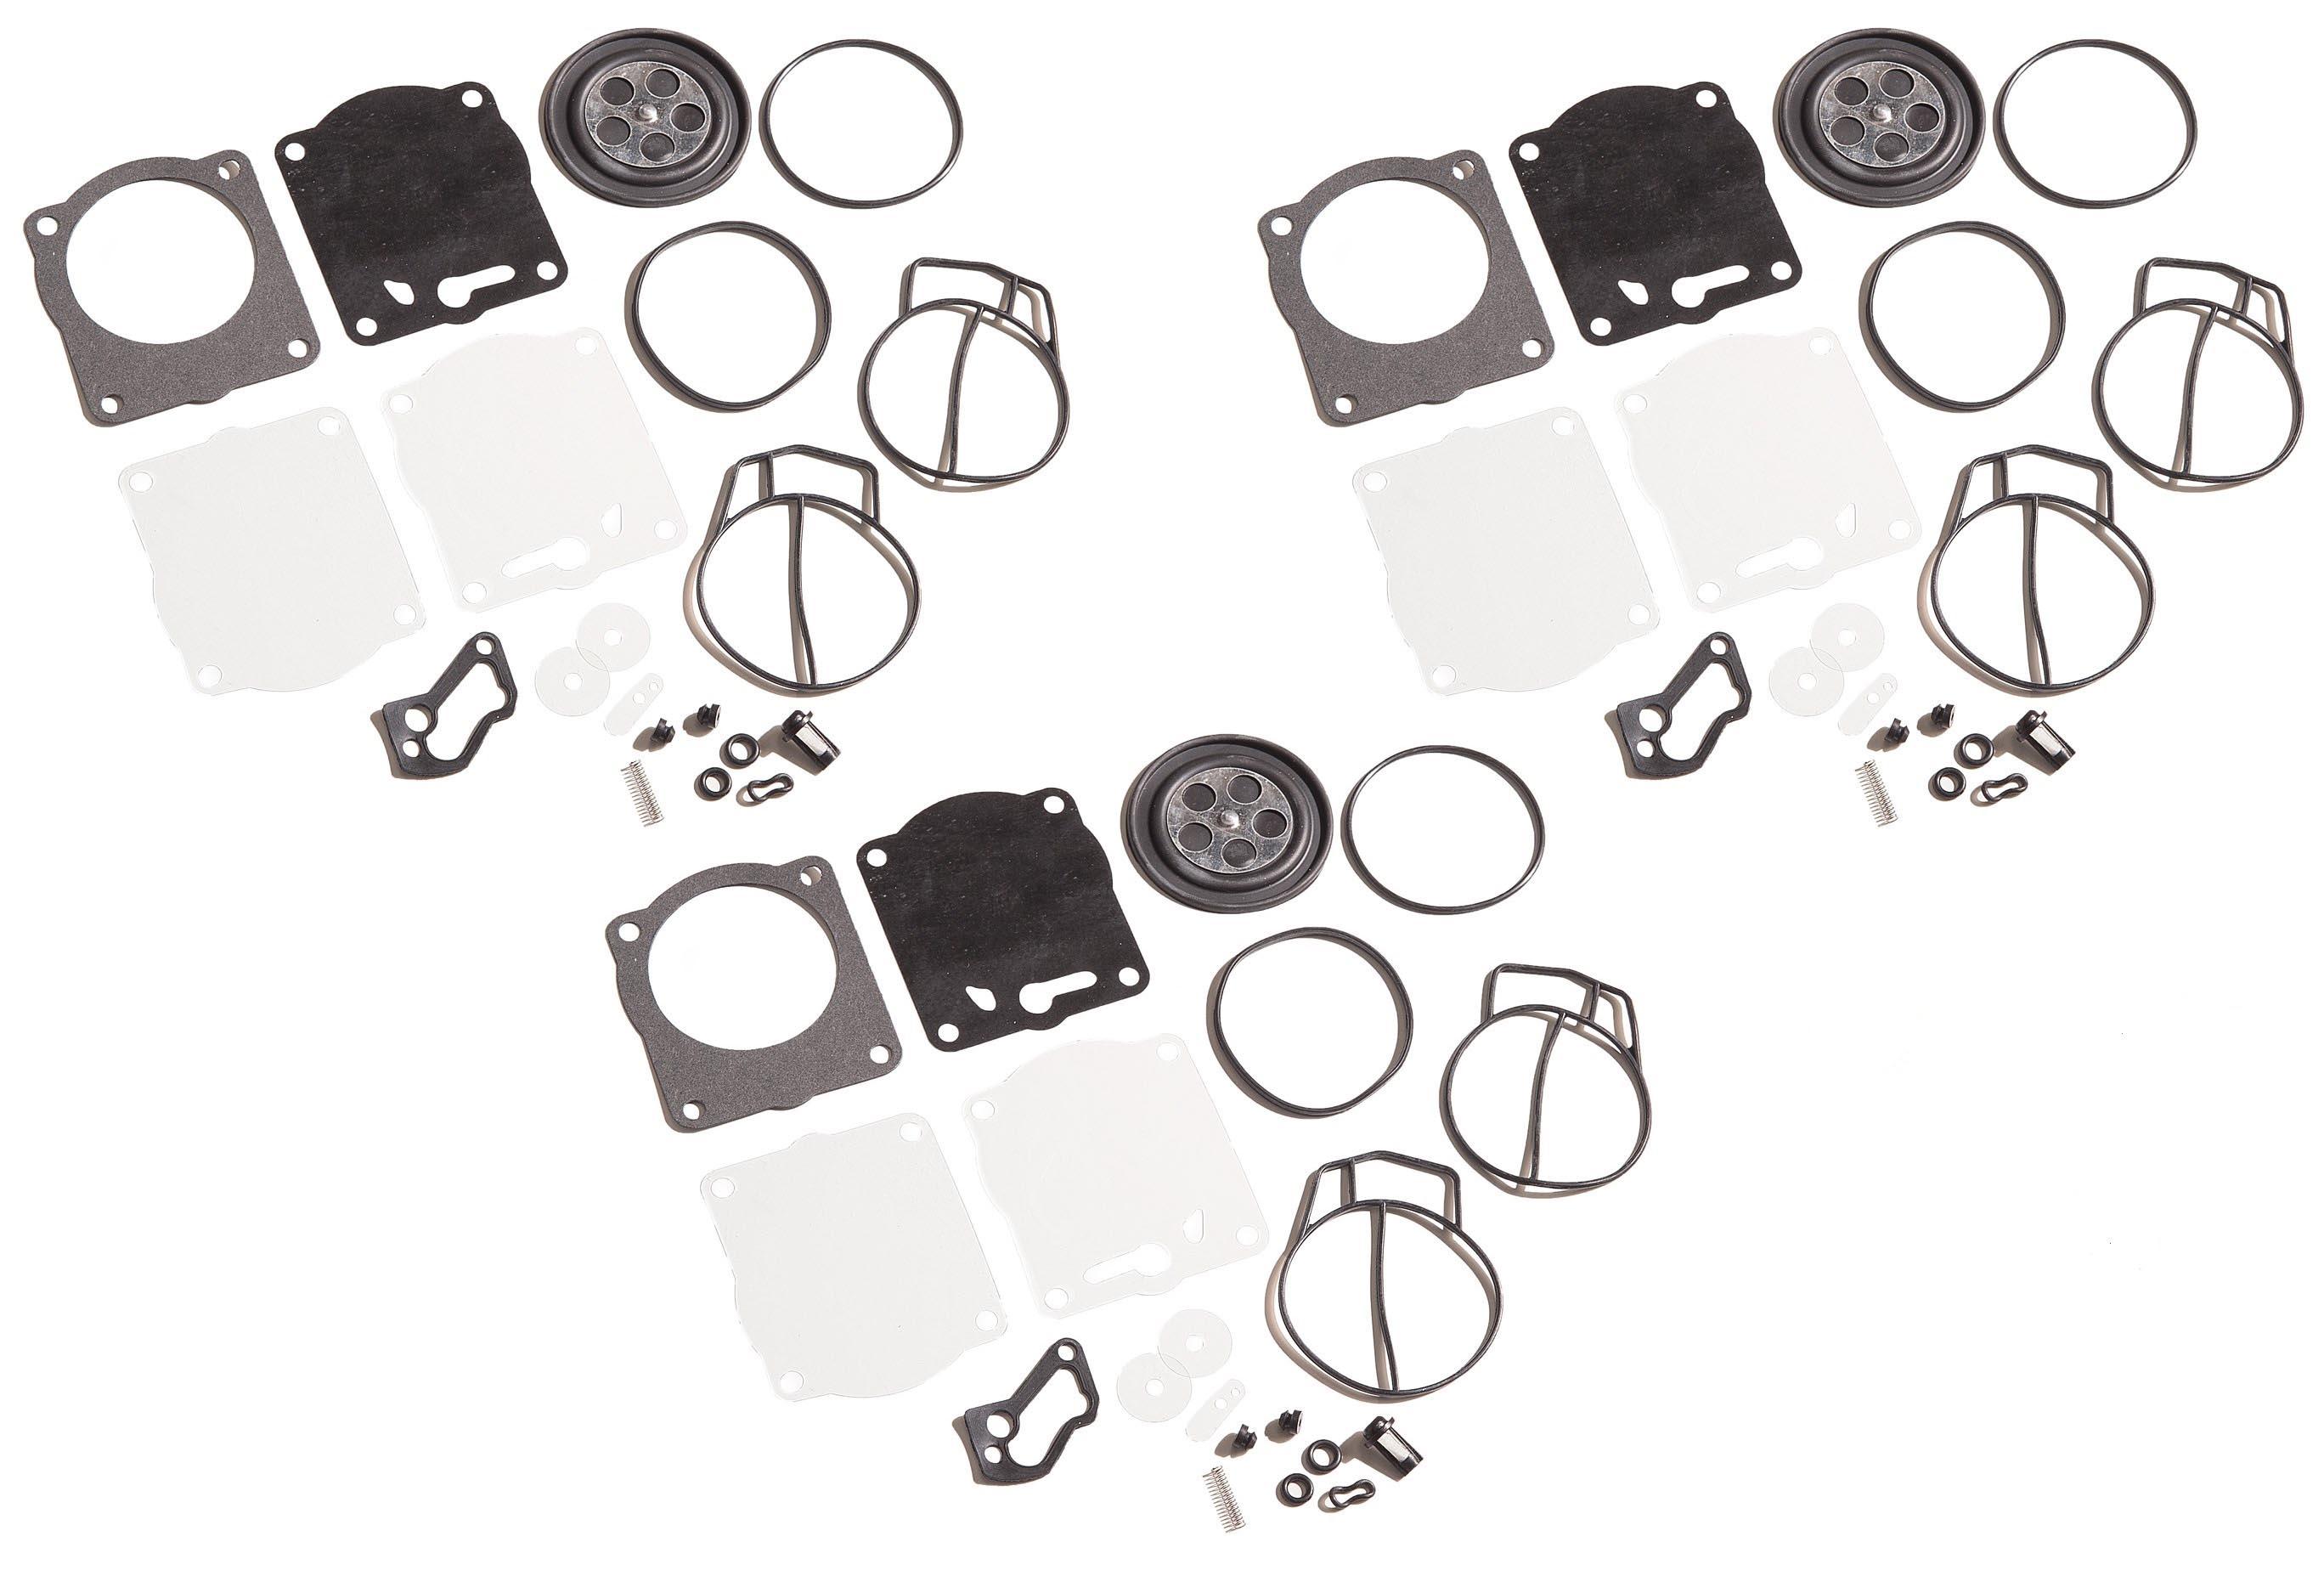 3 x Carburetor Carb Rebuild Repair Kits Fit for Yamaha XL XLT 1200 GP1200R GPr1200 Xl1200 XLT1200